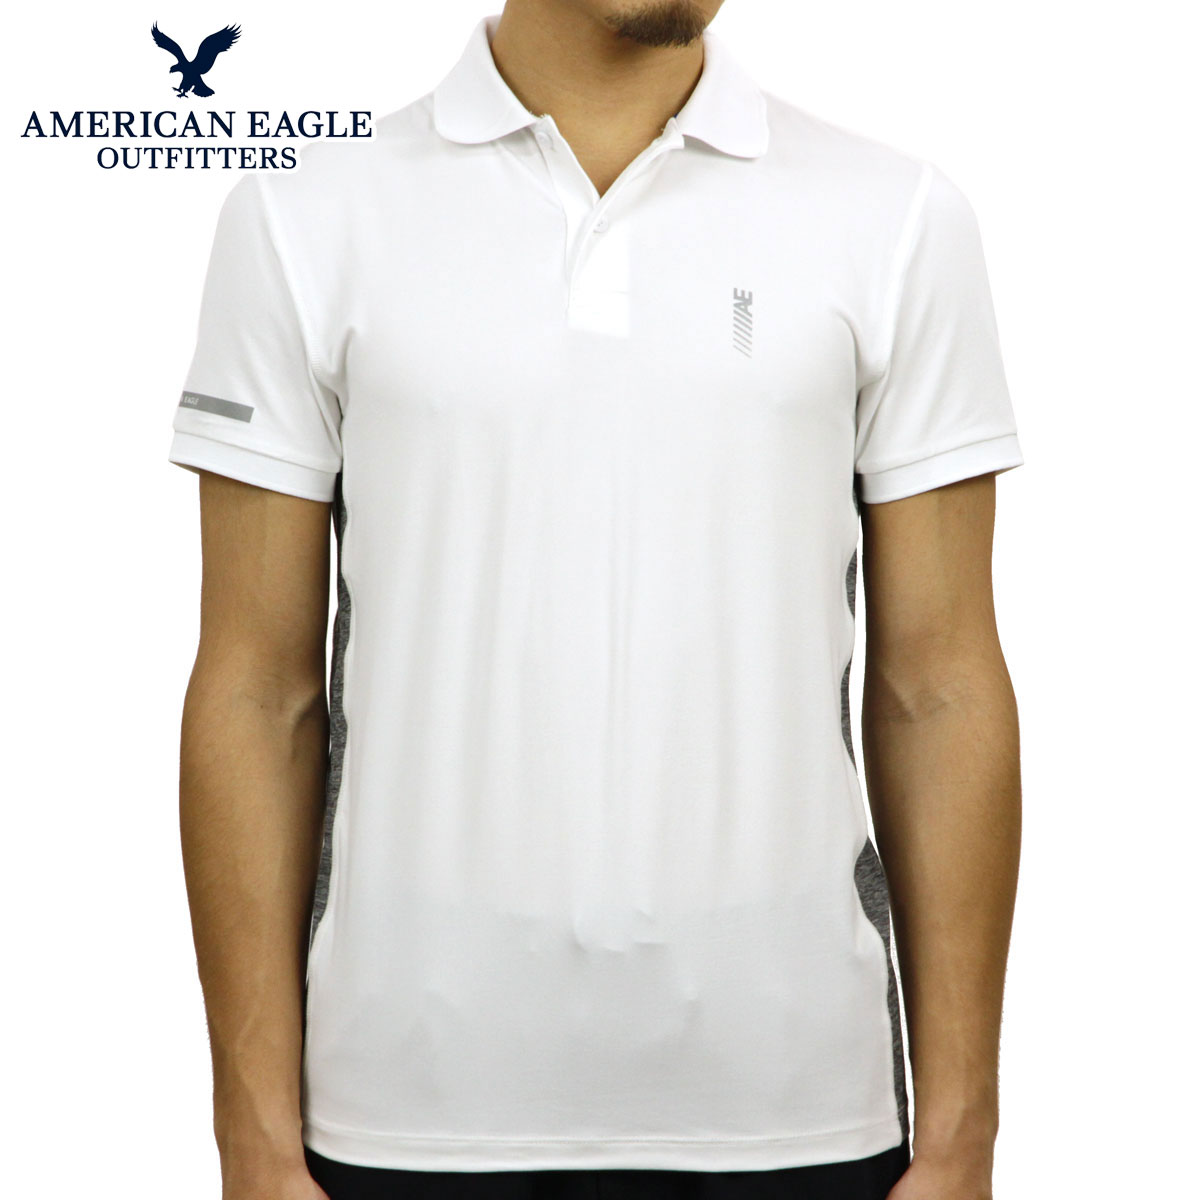 6d2195172b4 American eagle AMERICAN EAGLE regular article men short sleeves polo shirt  AE ACTIVE POLO 1165- ...